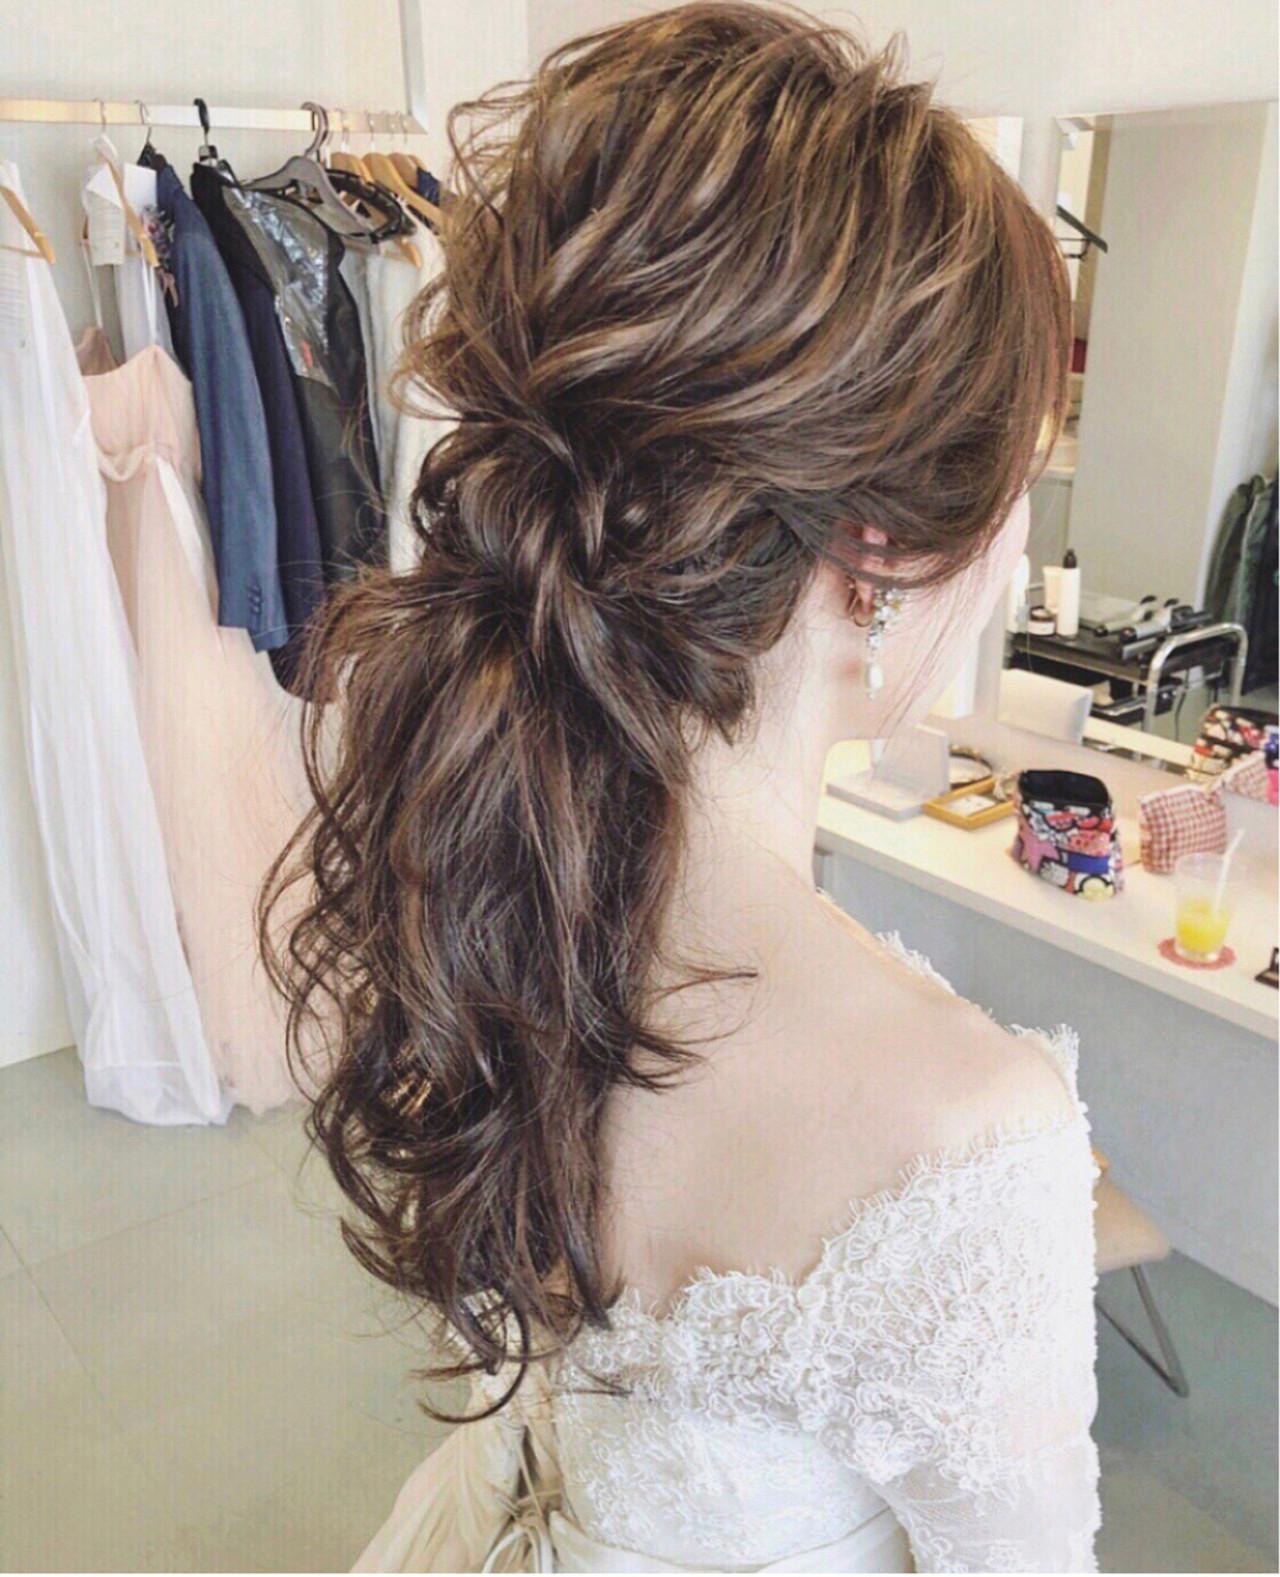 大人女子 ヘアアレンジ 結婚式 ナチュラル ヘアスタイルや髪型の写真・画像